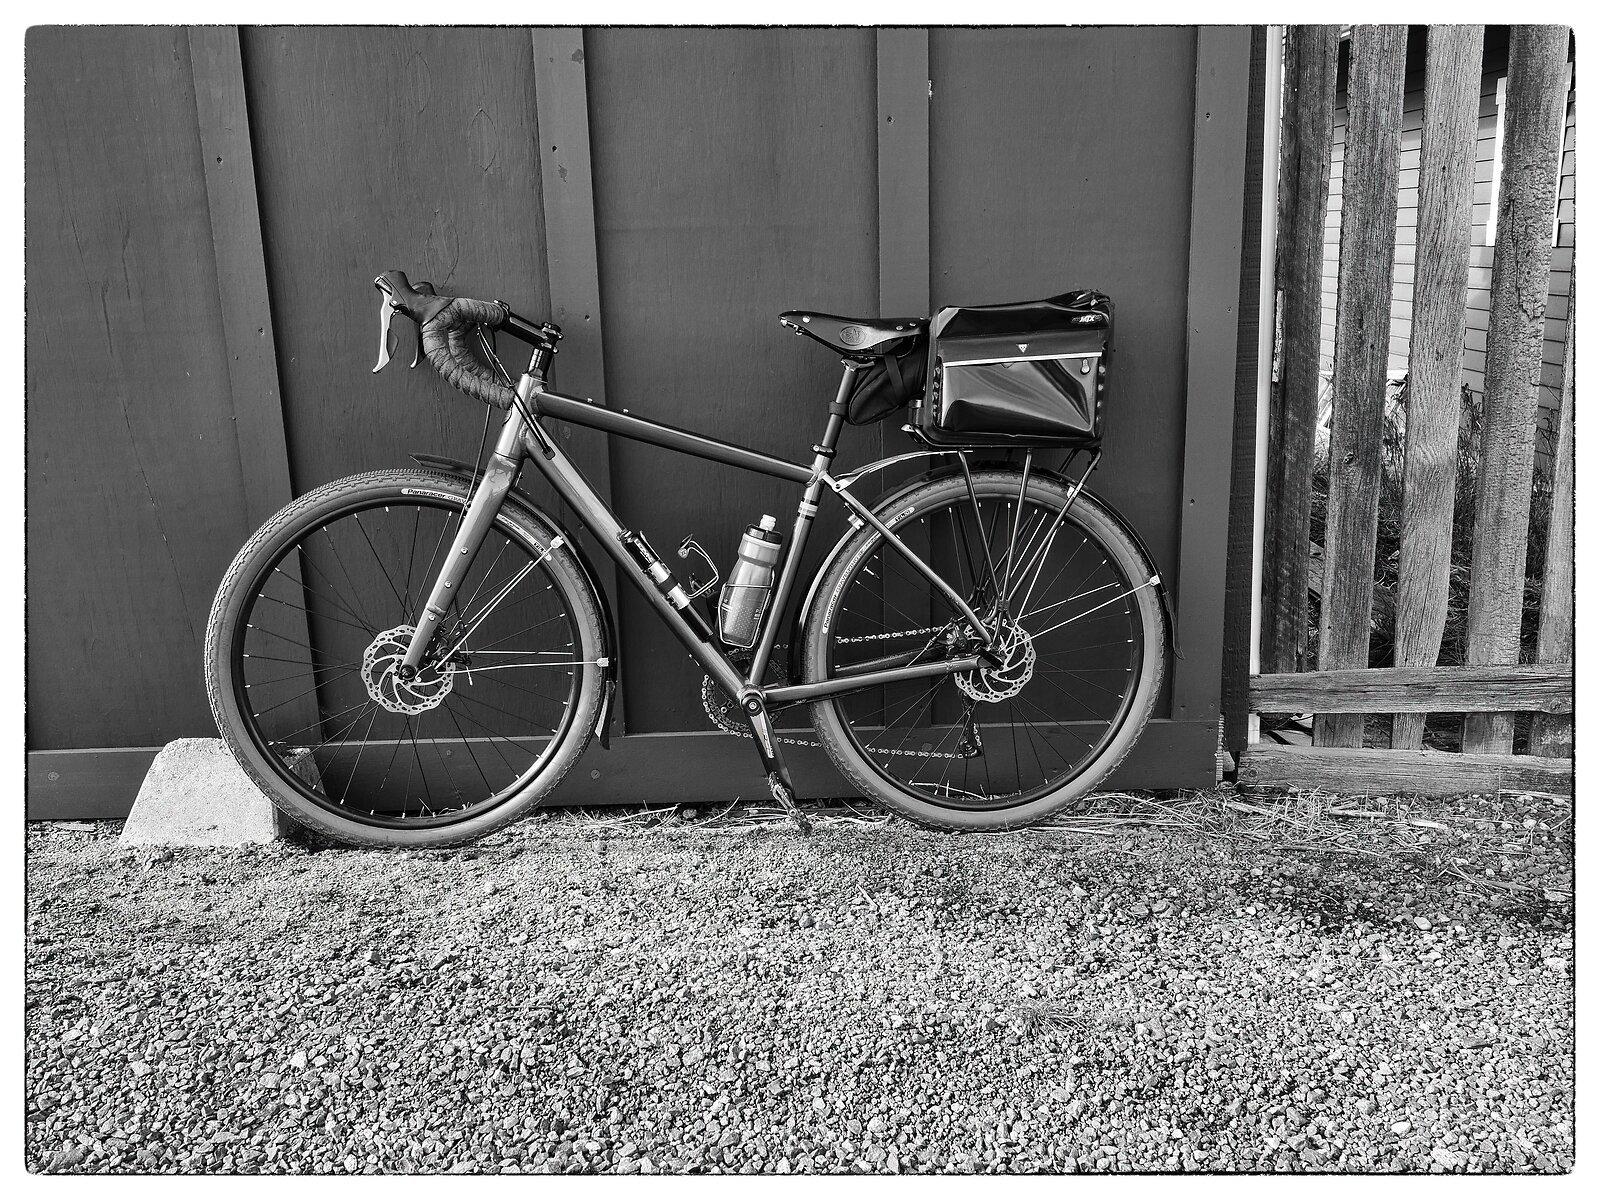 GX9_Jan29_21_Bicycle_by_garage.jpg